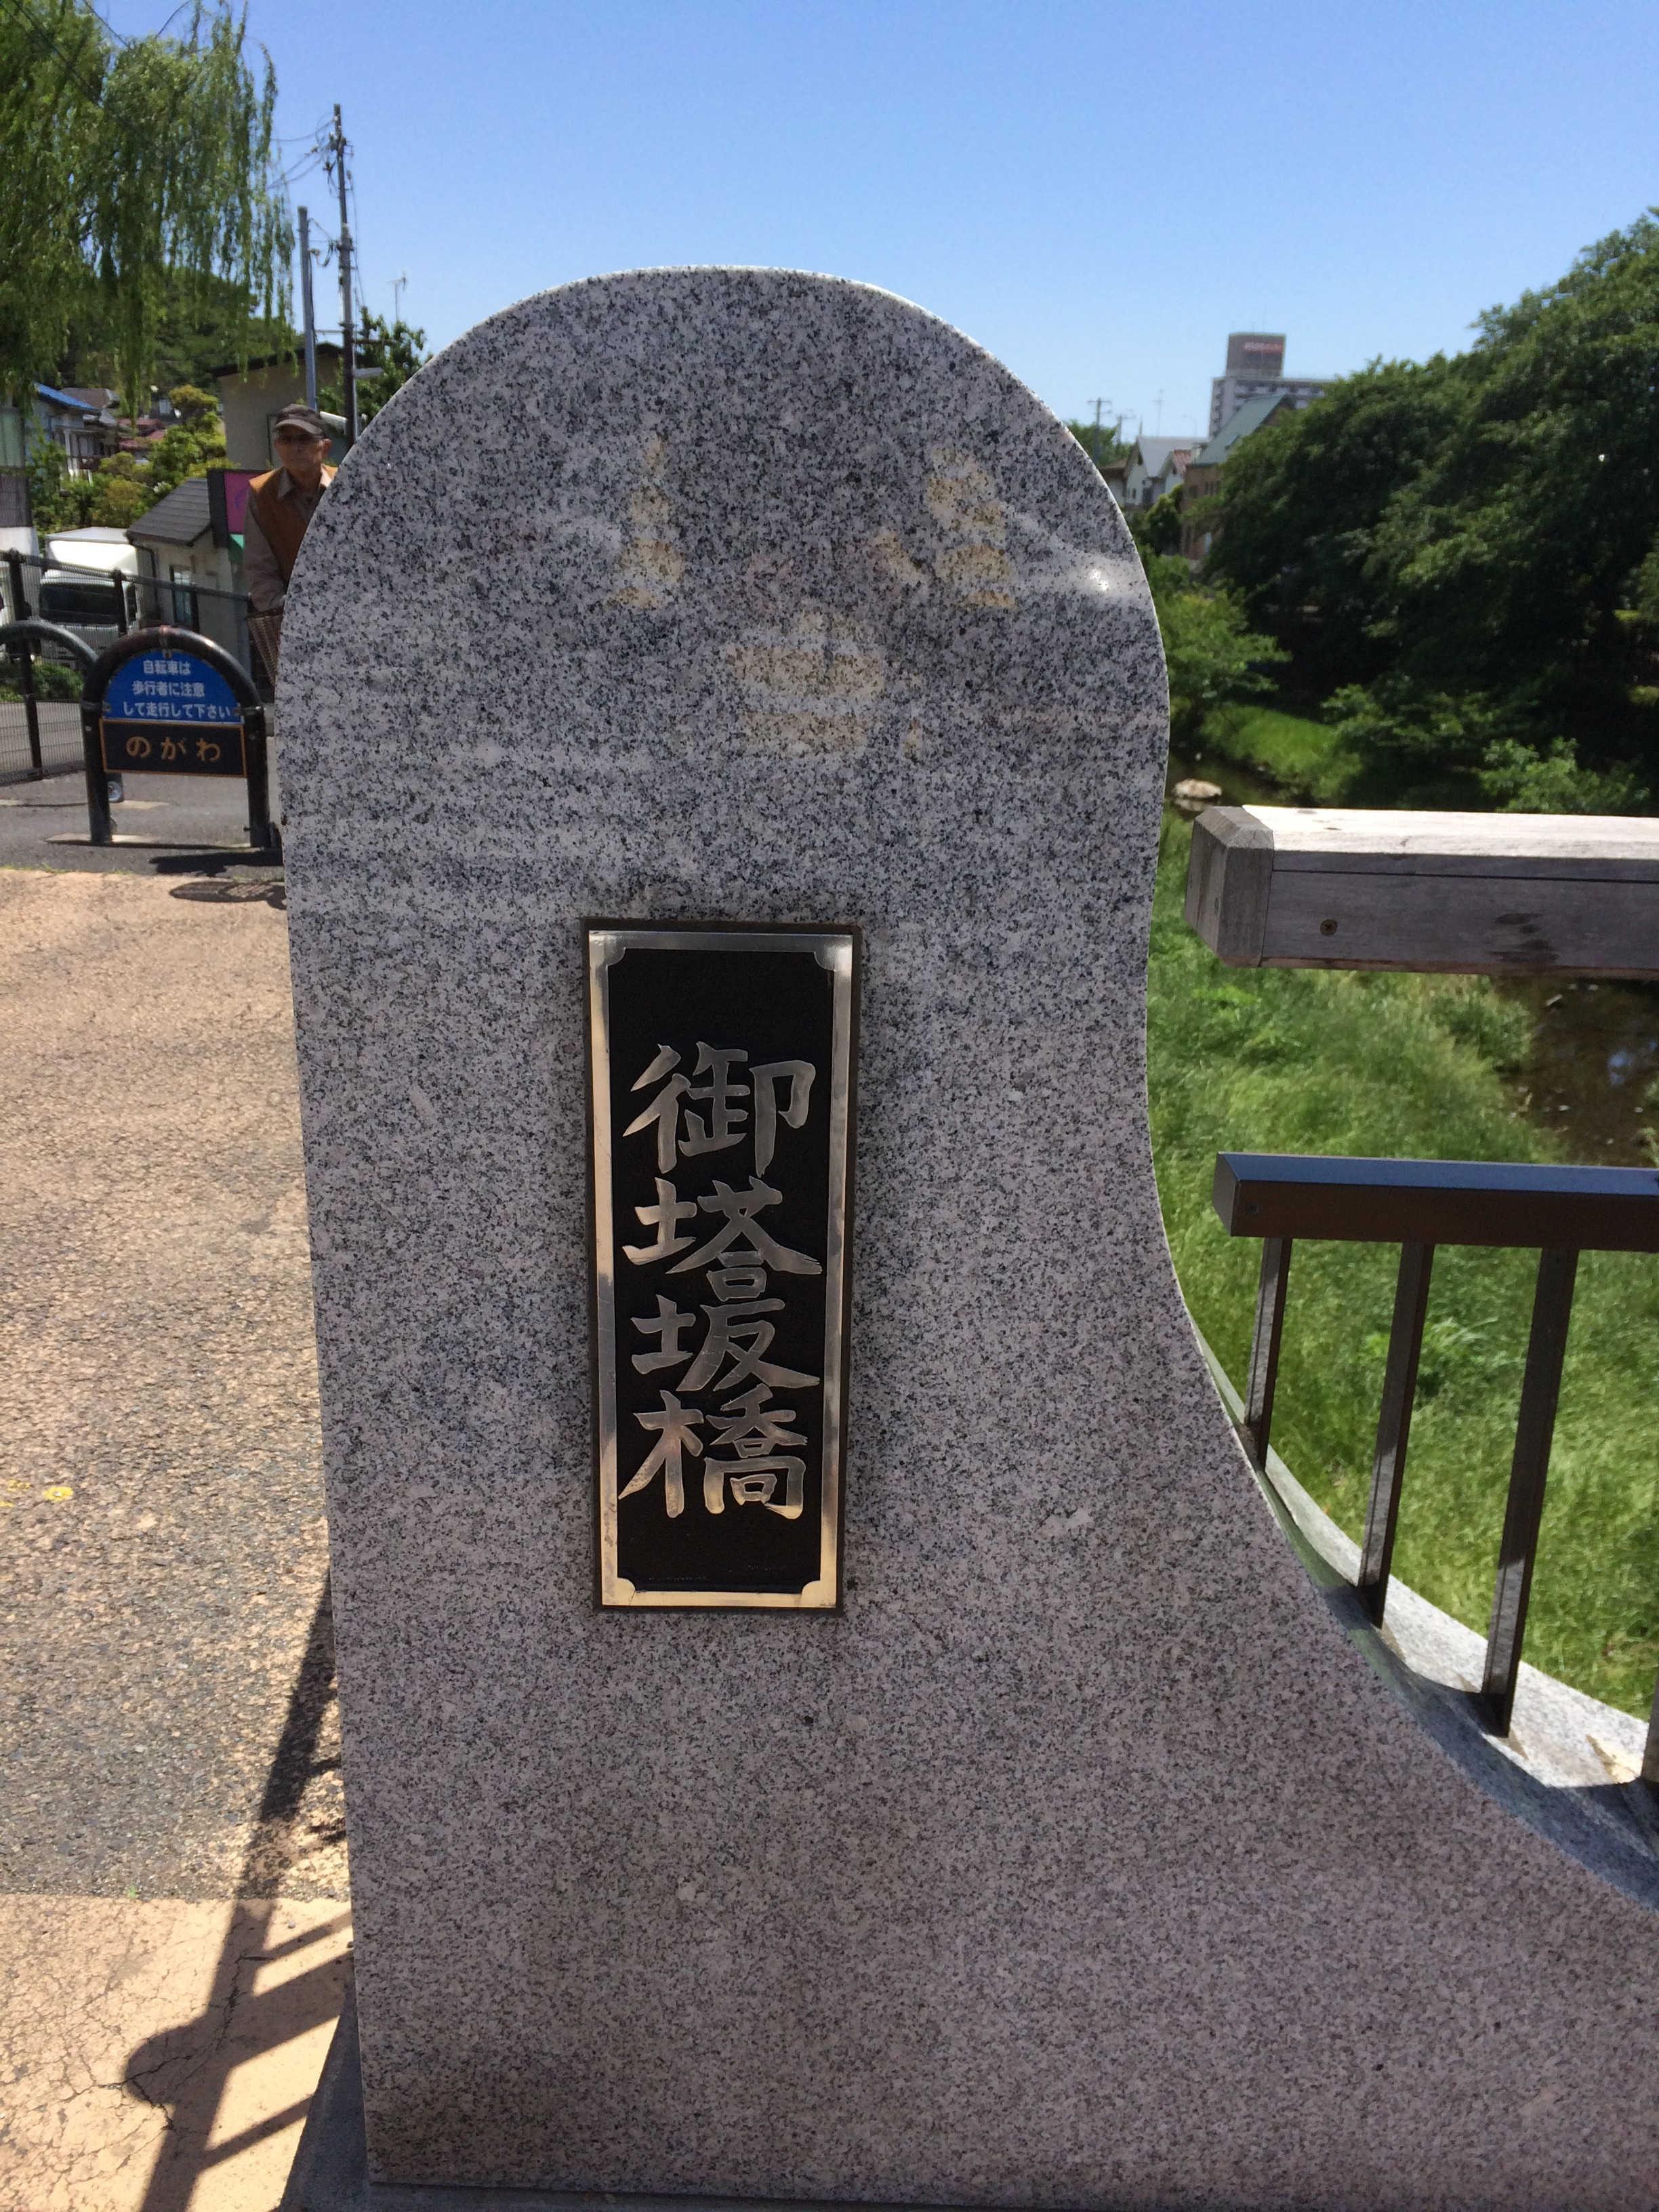 御塔坂橋(おとざかばし